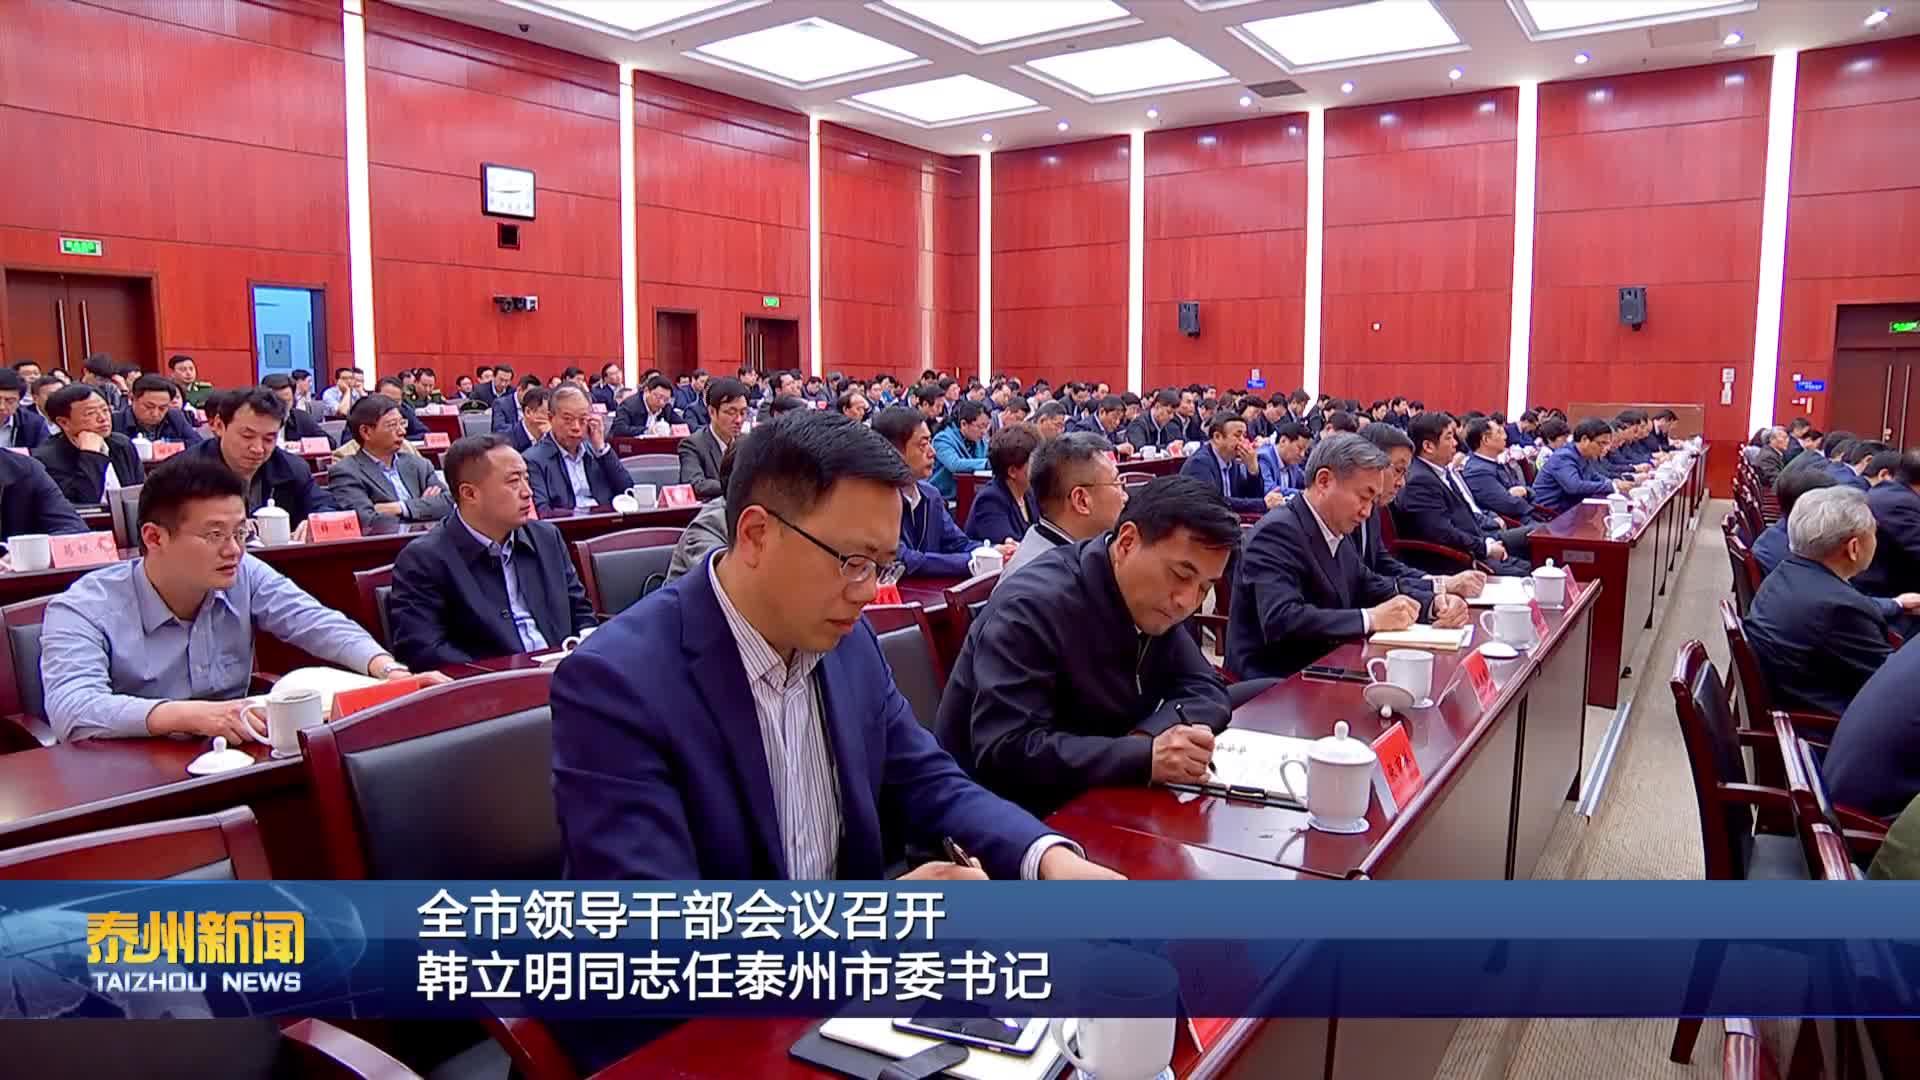 全市领导干部会议召开  韩立明同志任泰州市委书记